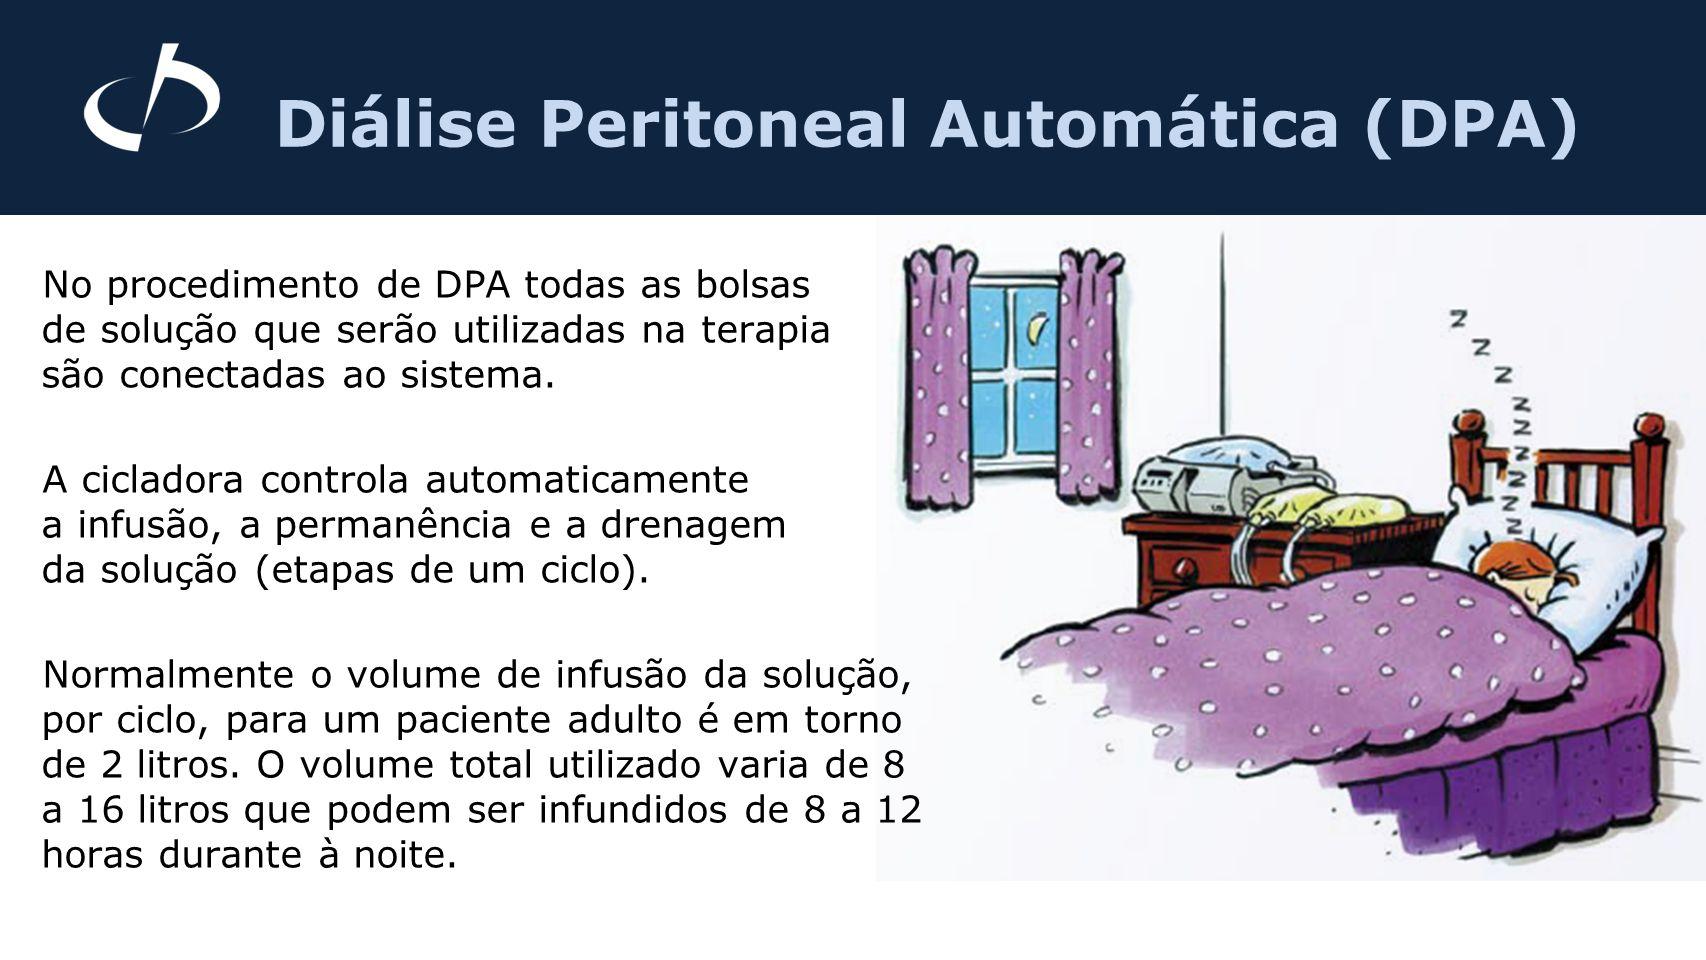 Diálise Peritoneal Automática (DPA) No procedimento de DPA todas as bolsas de solução que serão utilizadas na terapia são conectadas ao sistema. A cic